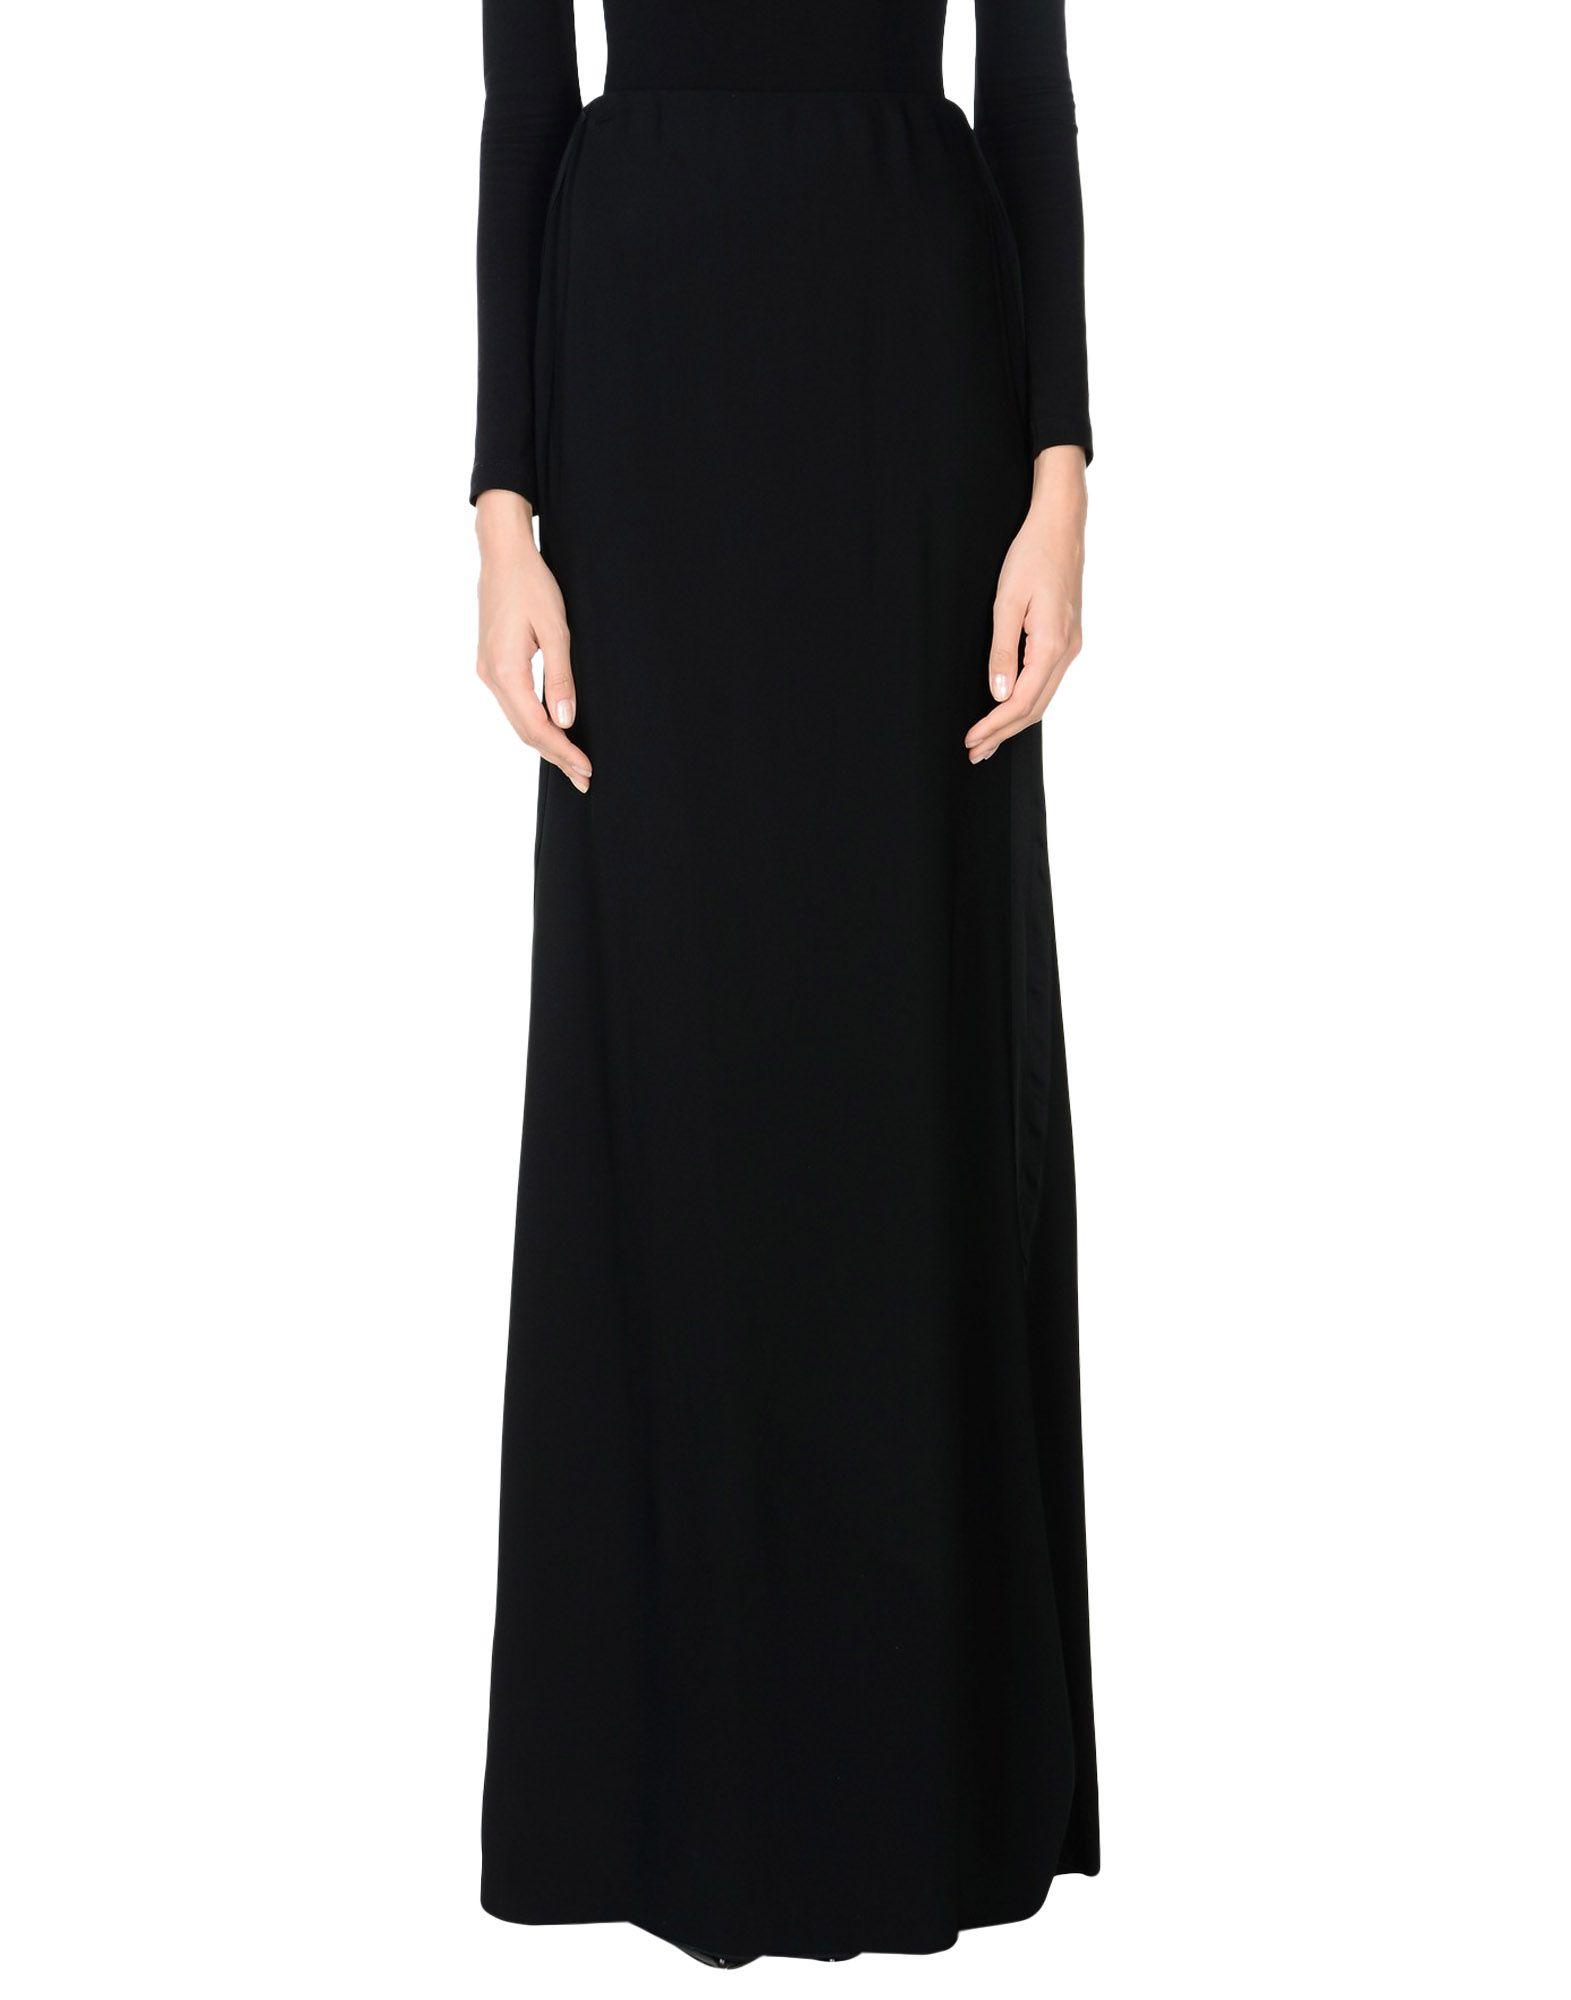 Фото - VICTORIA BECKHAM Длинная юбка victoria beckham юбка длиной 3 4